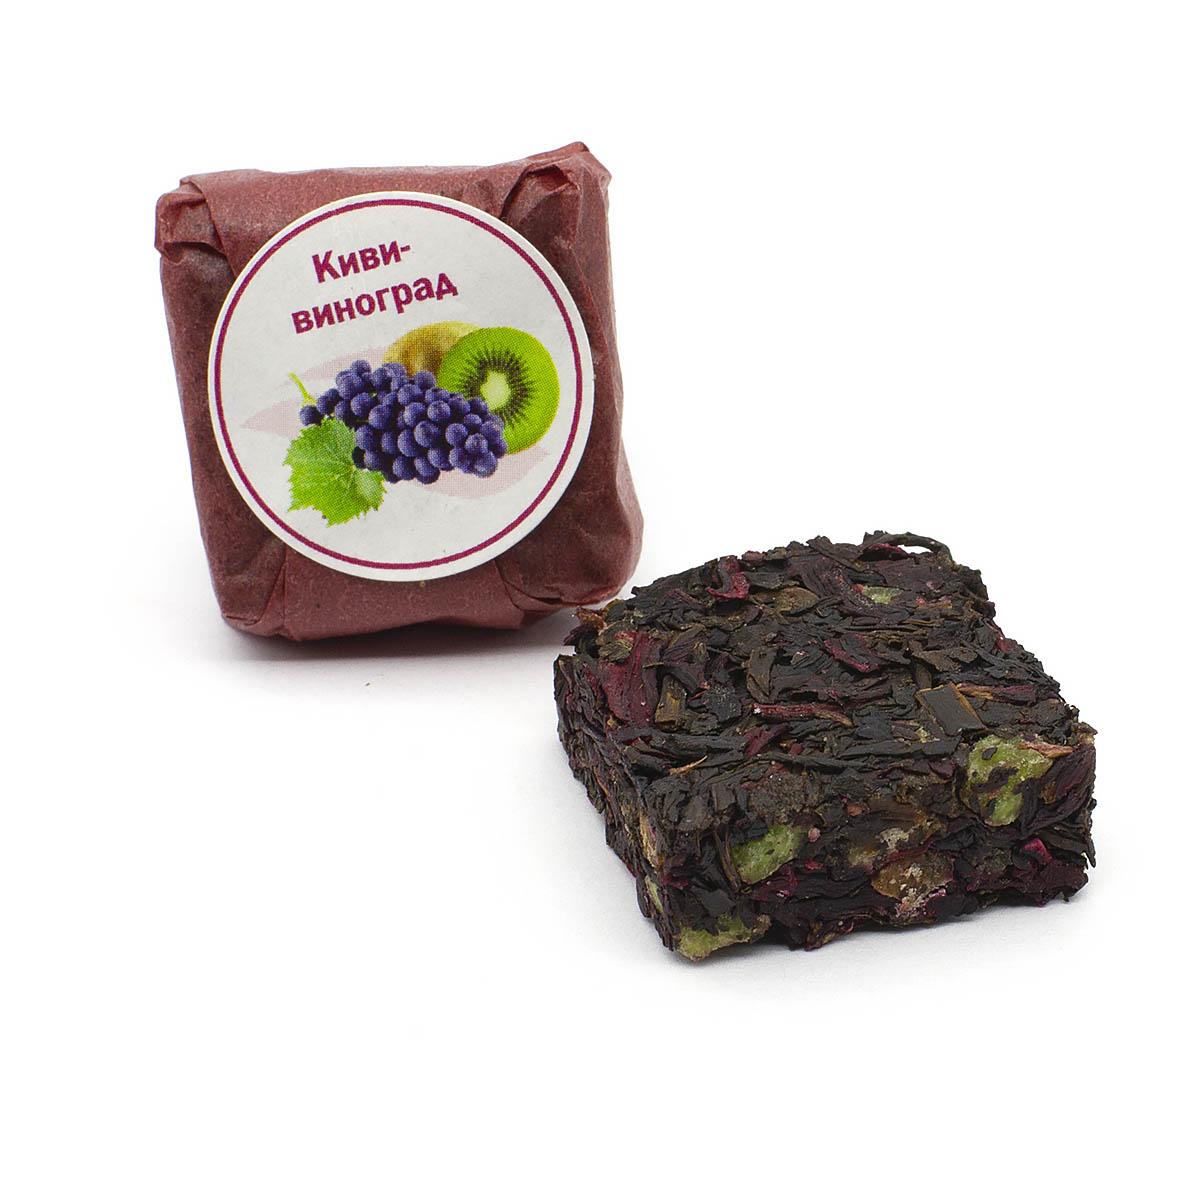 Чай фруктово-ягодный Киви-виноград, кубик 5-7 г